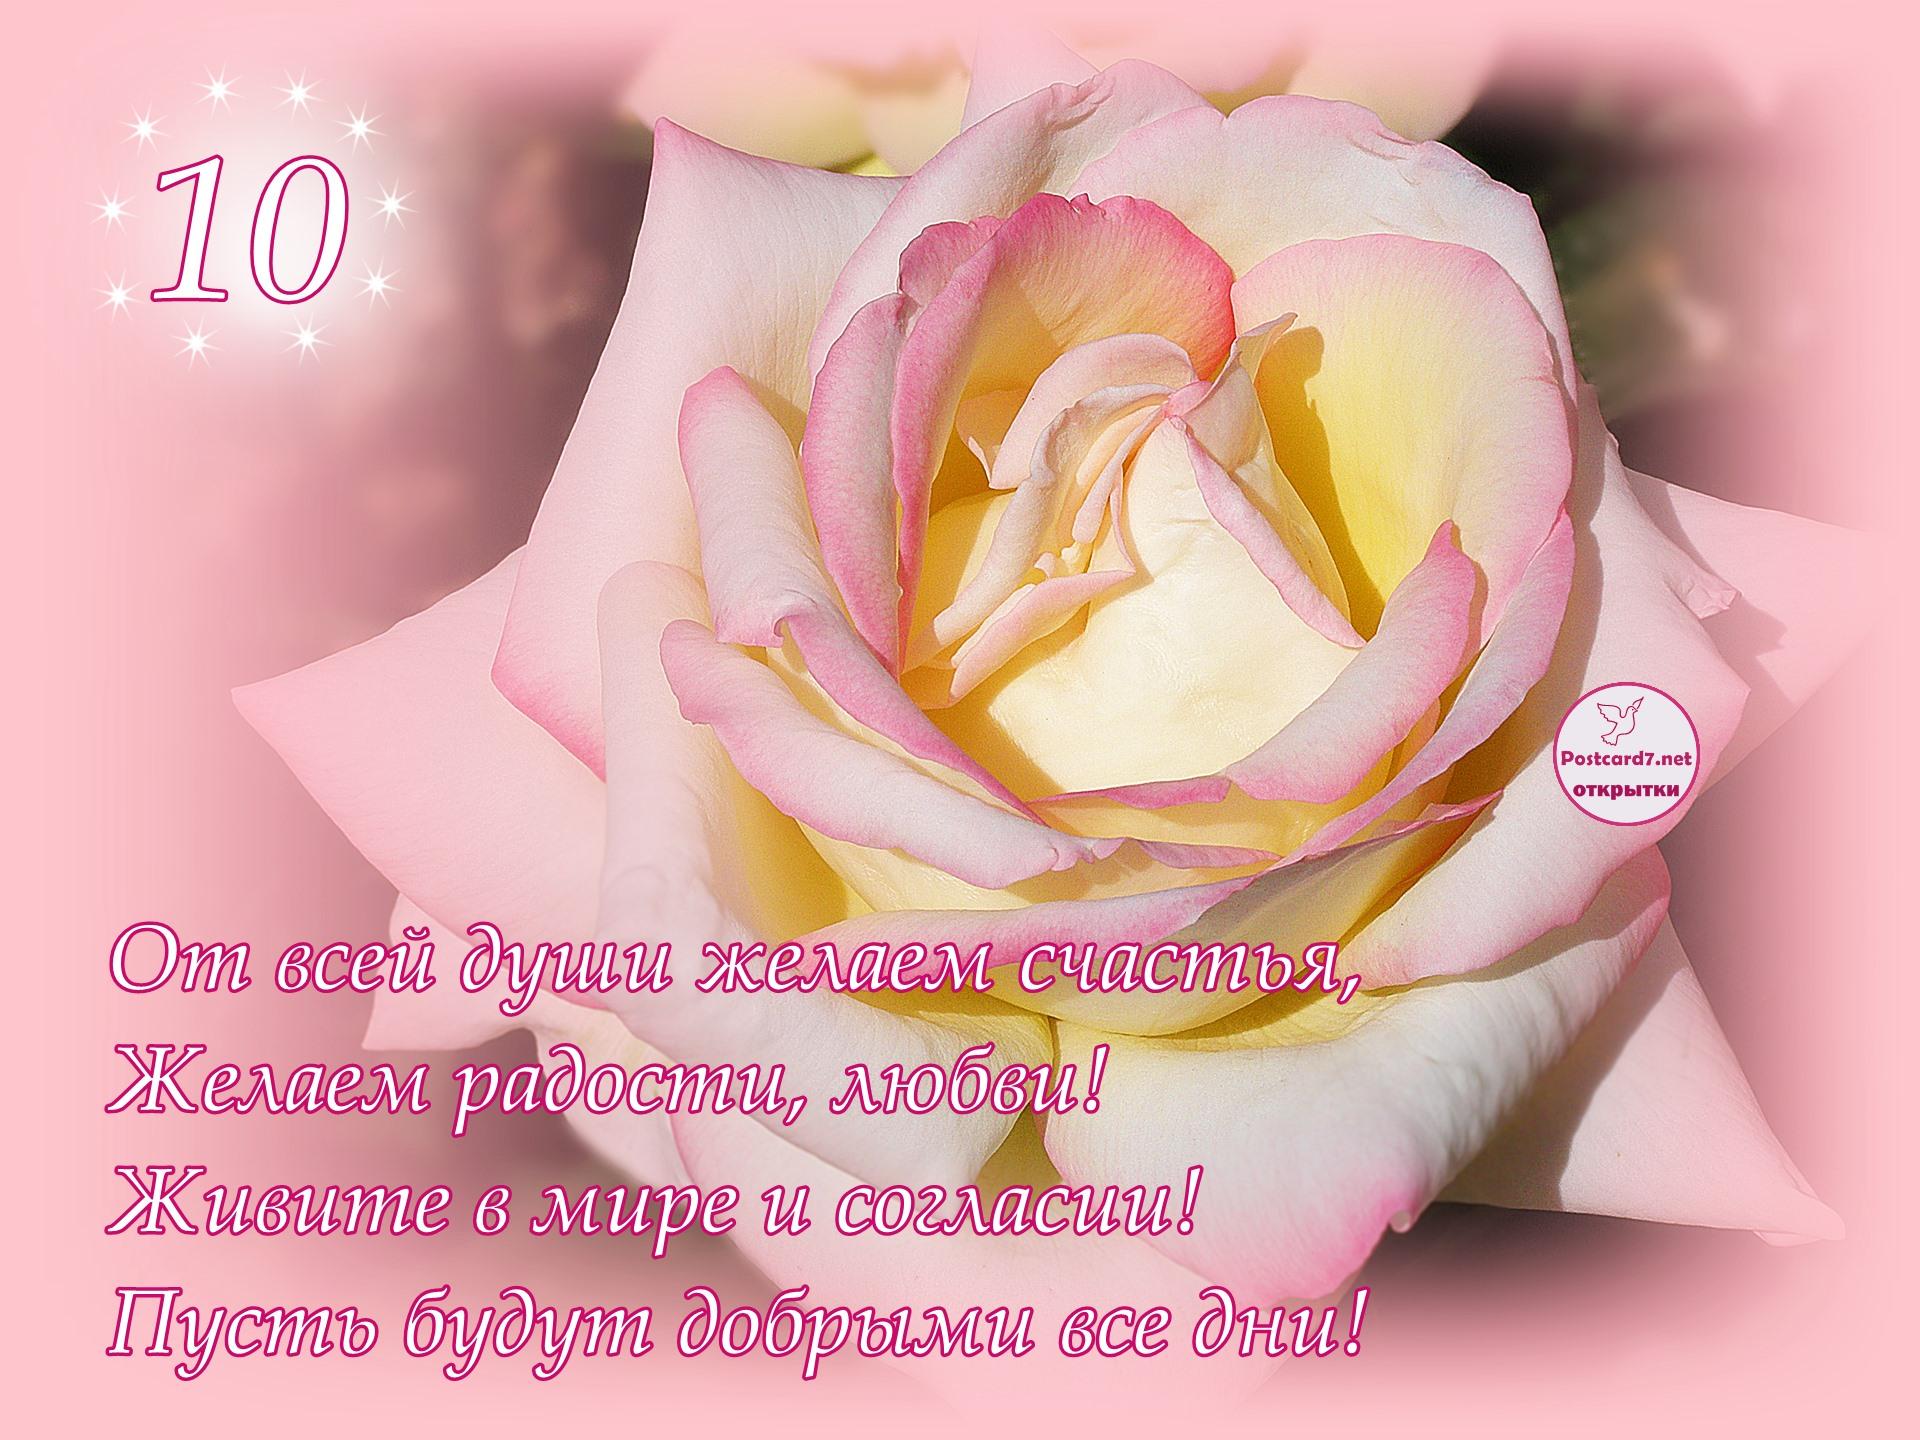 10 лет свадьбы поздравления прикольные открытки